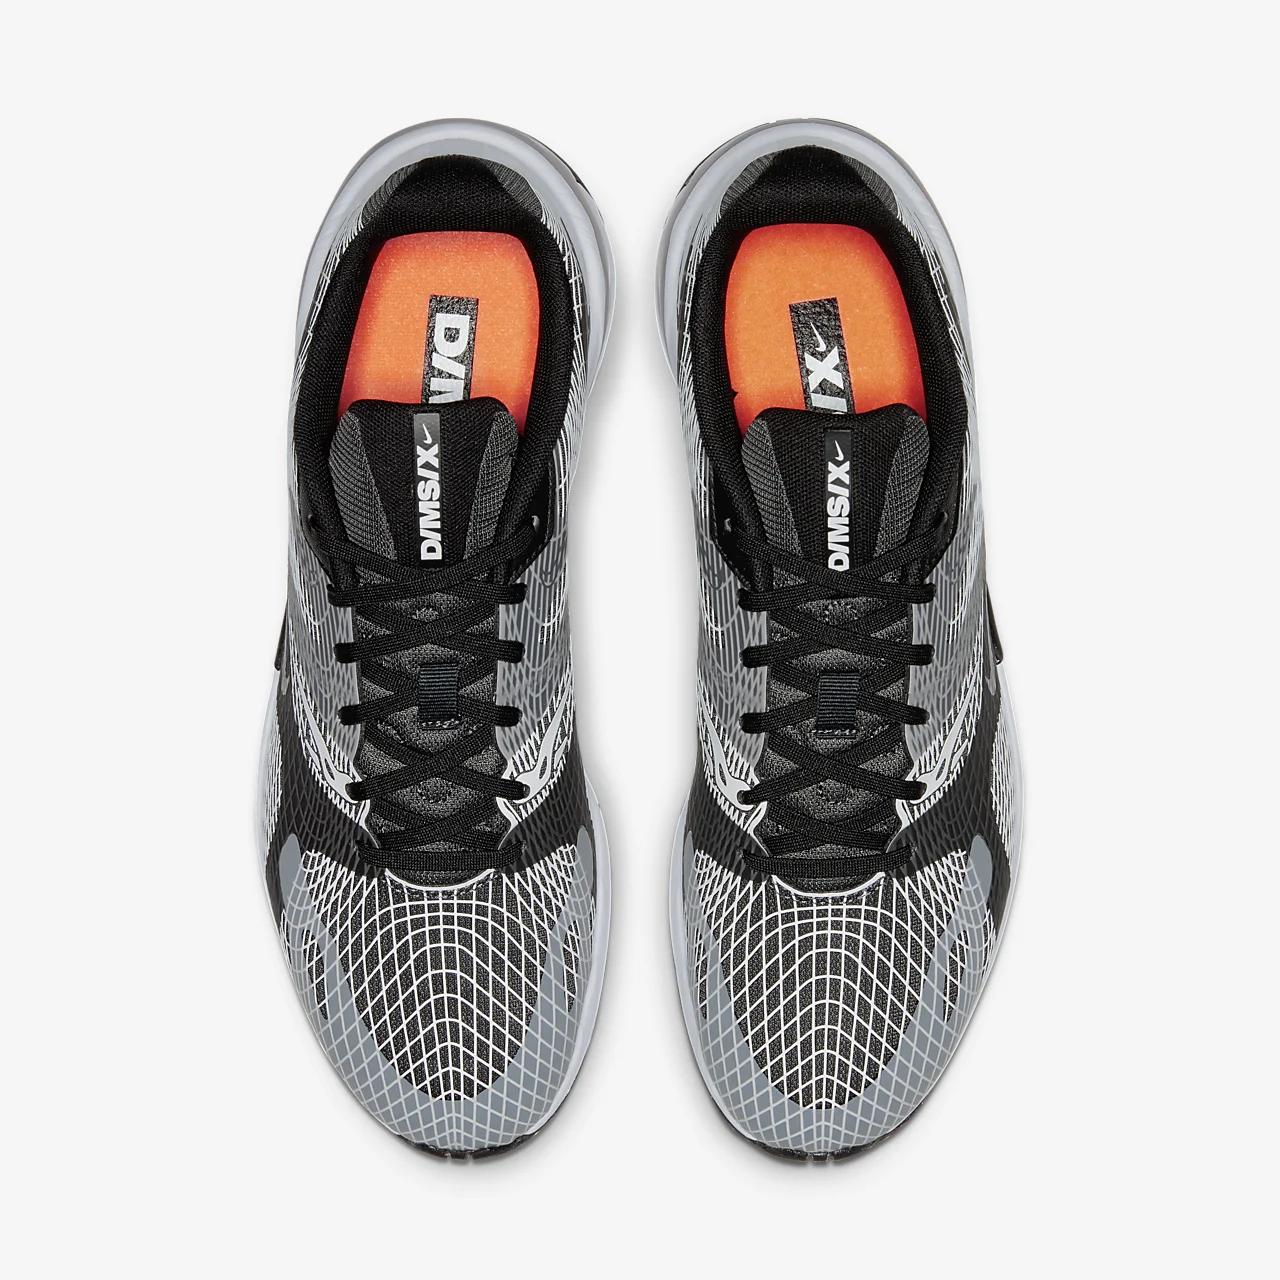 나이키 고스위프트 남성 신발 BQ5108-101